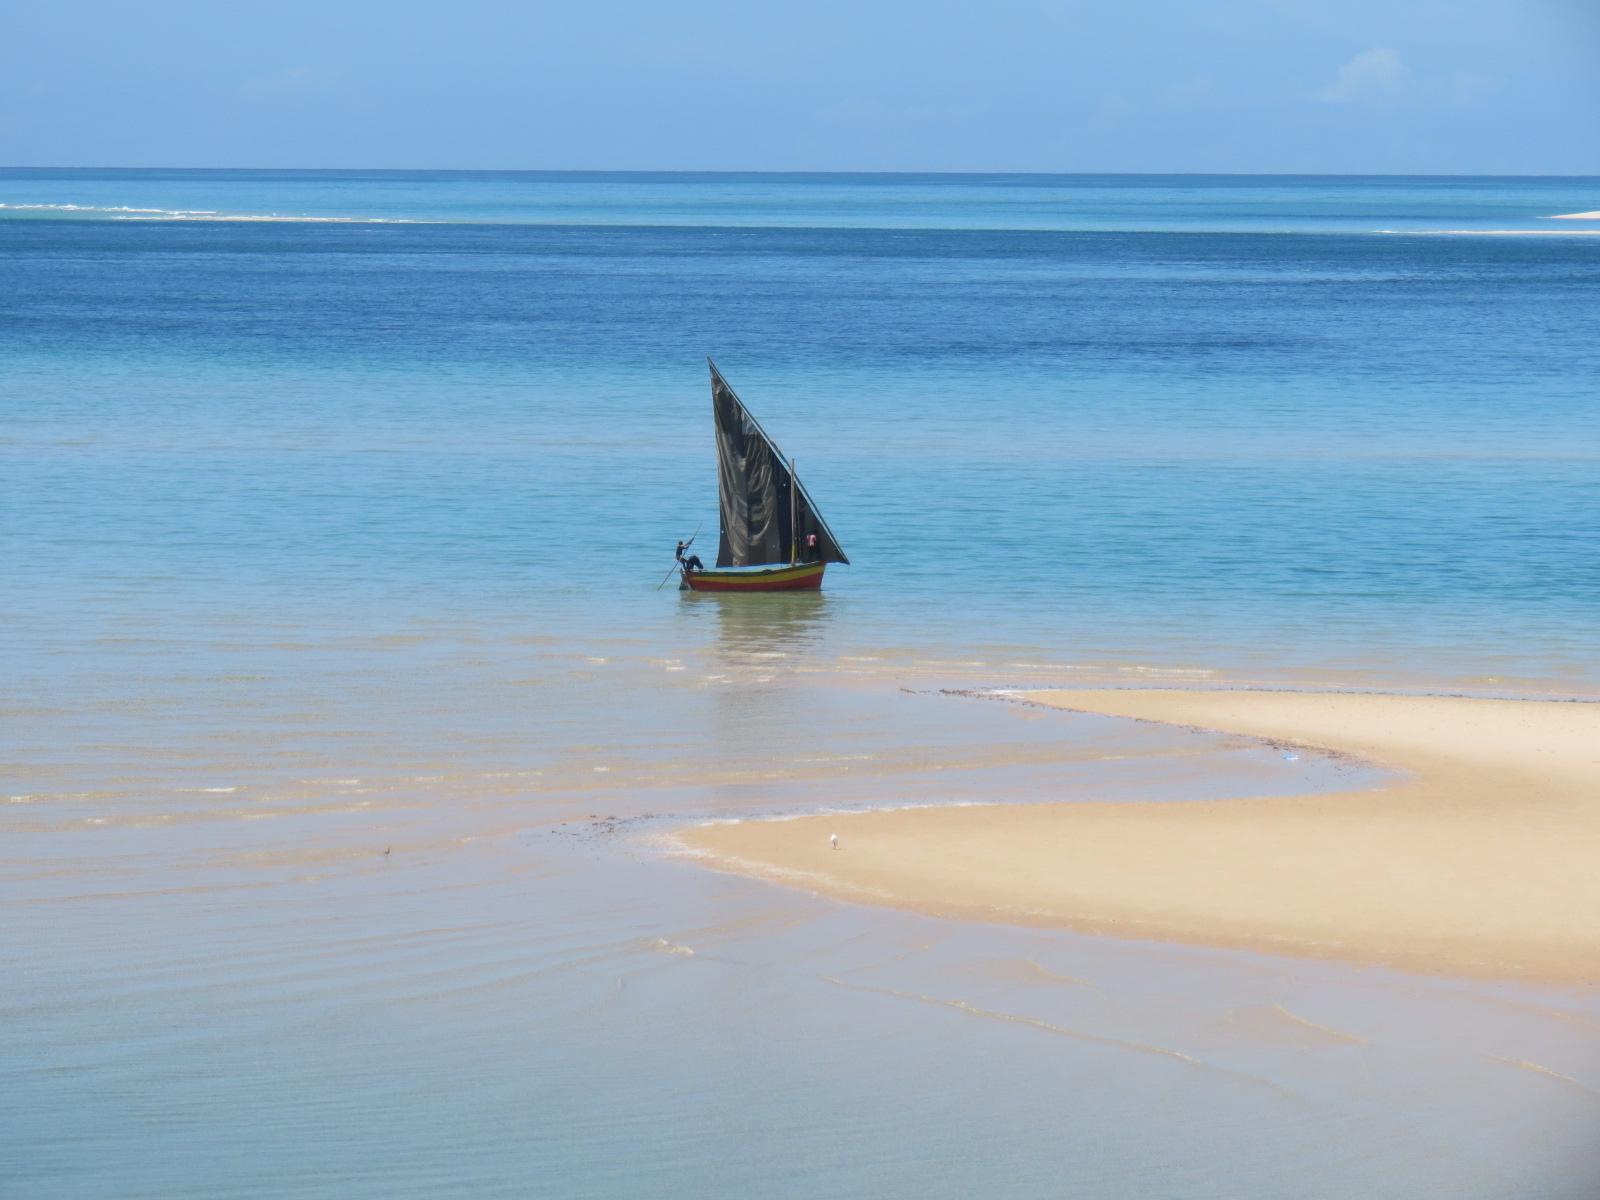 Veleiro à moda antiga (dhow) no arquipélago de Bazaruto